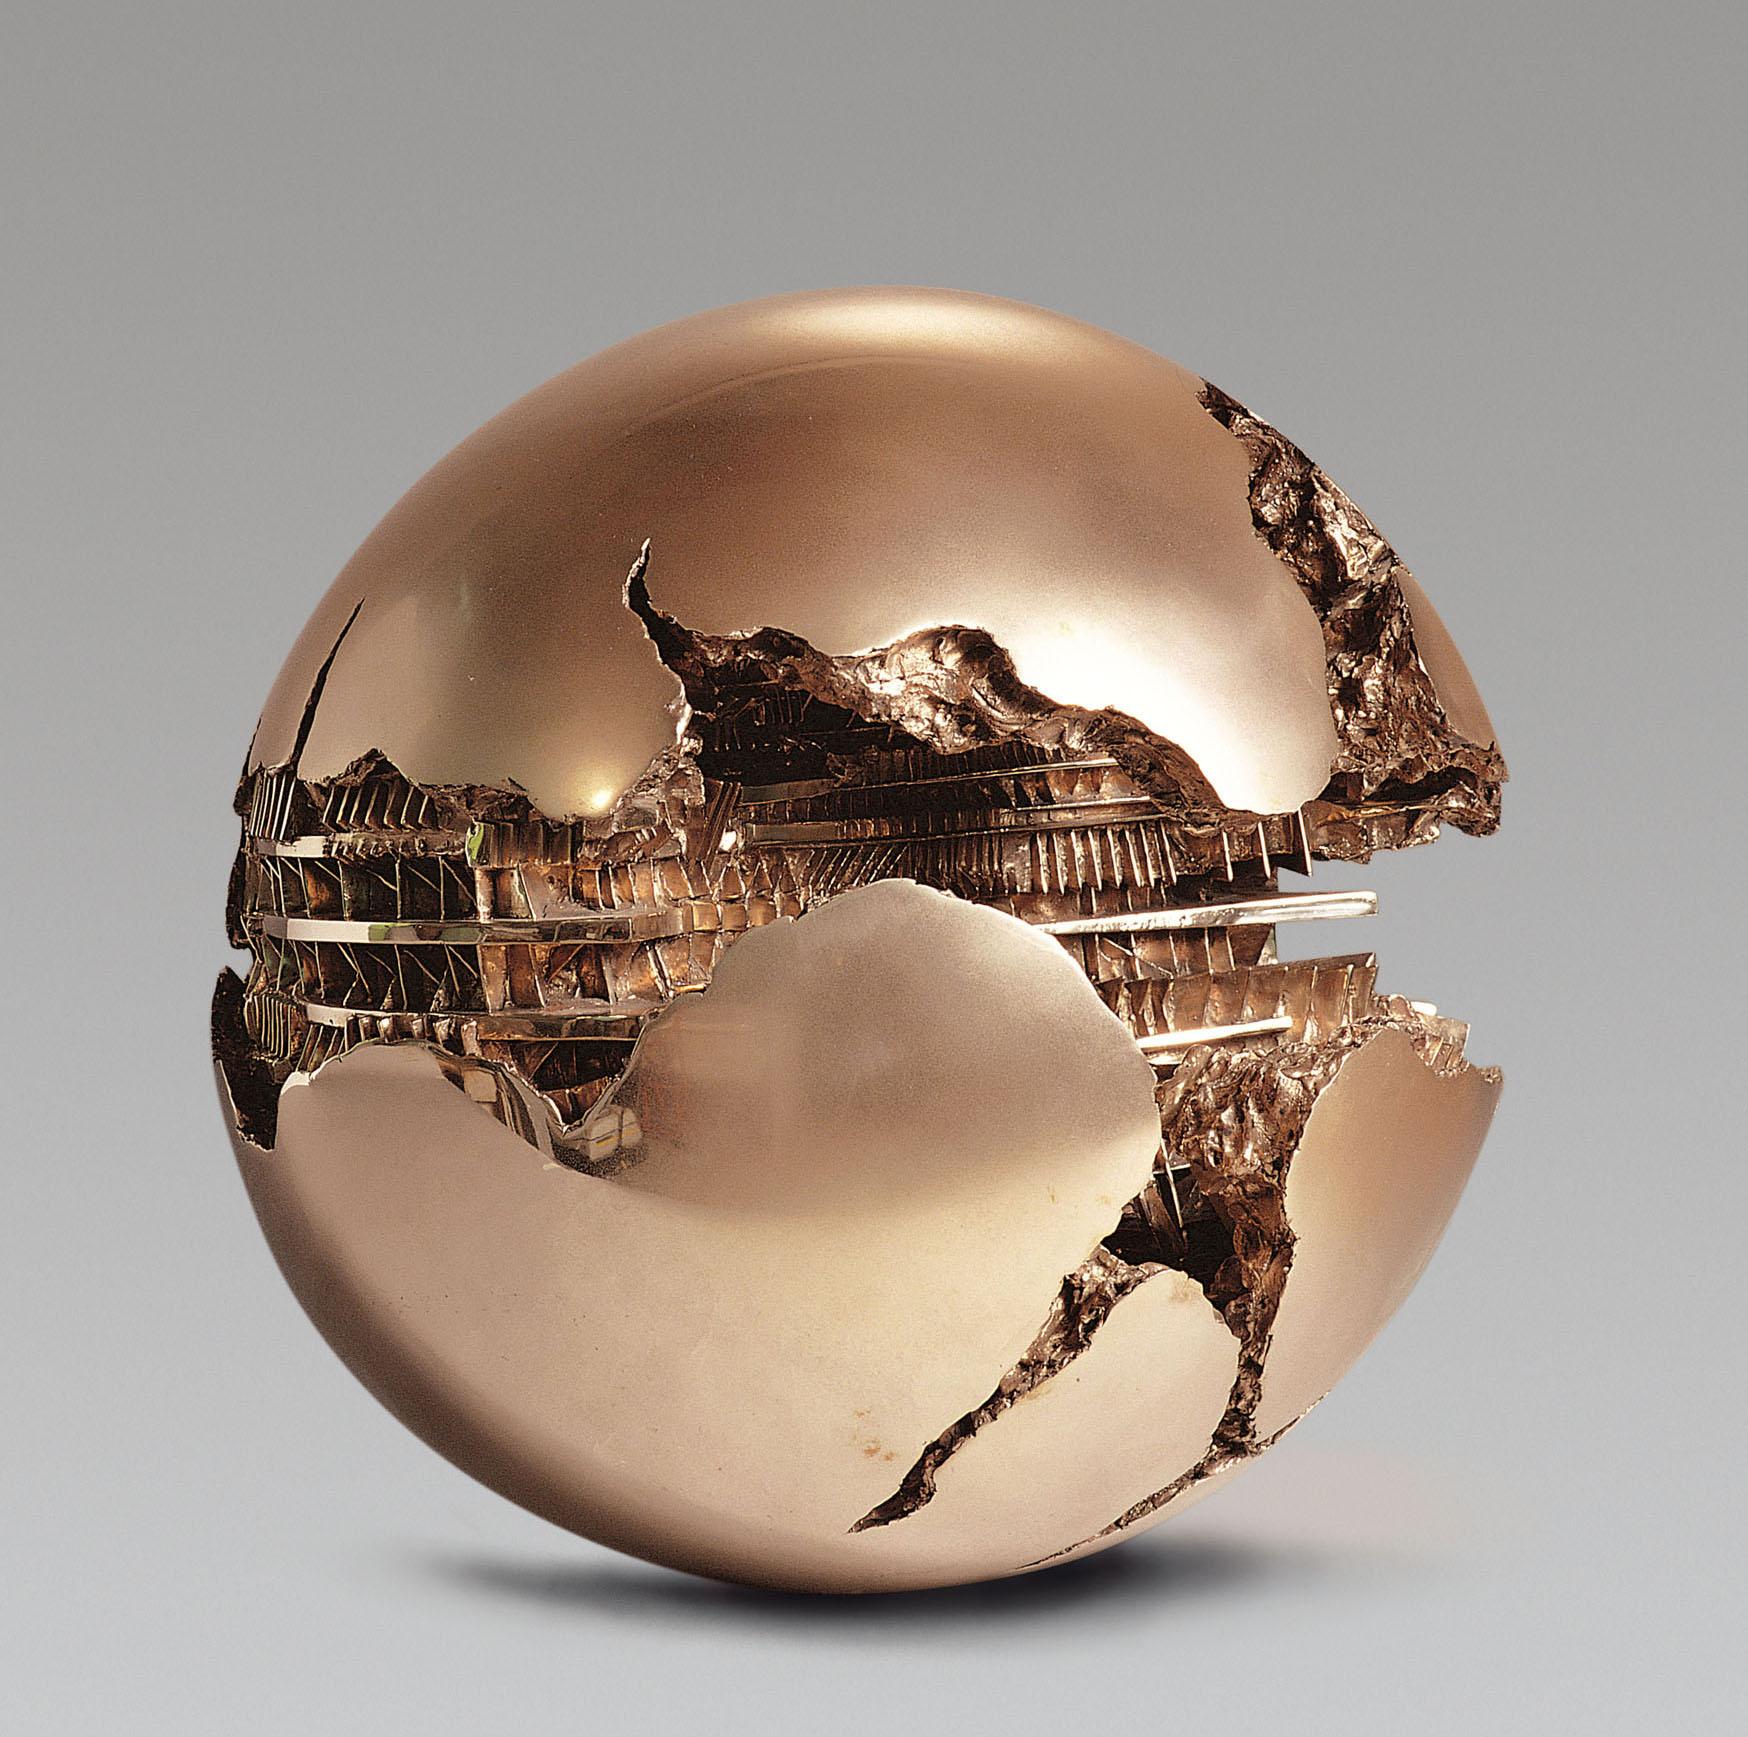 Esfera n.º 3, de Arnoldo Pomodo. Foto: Aurelio Barbareschi.